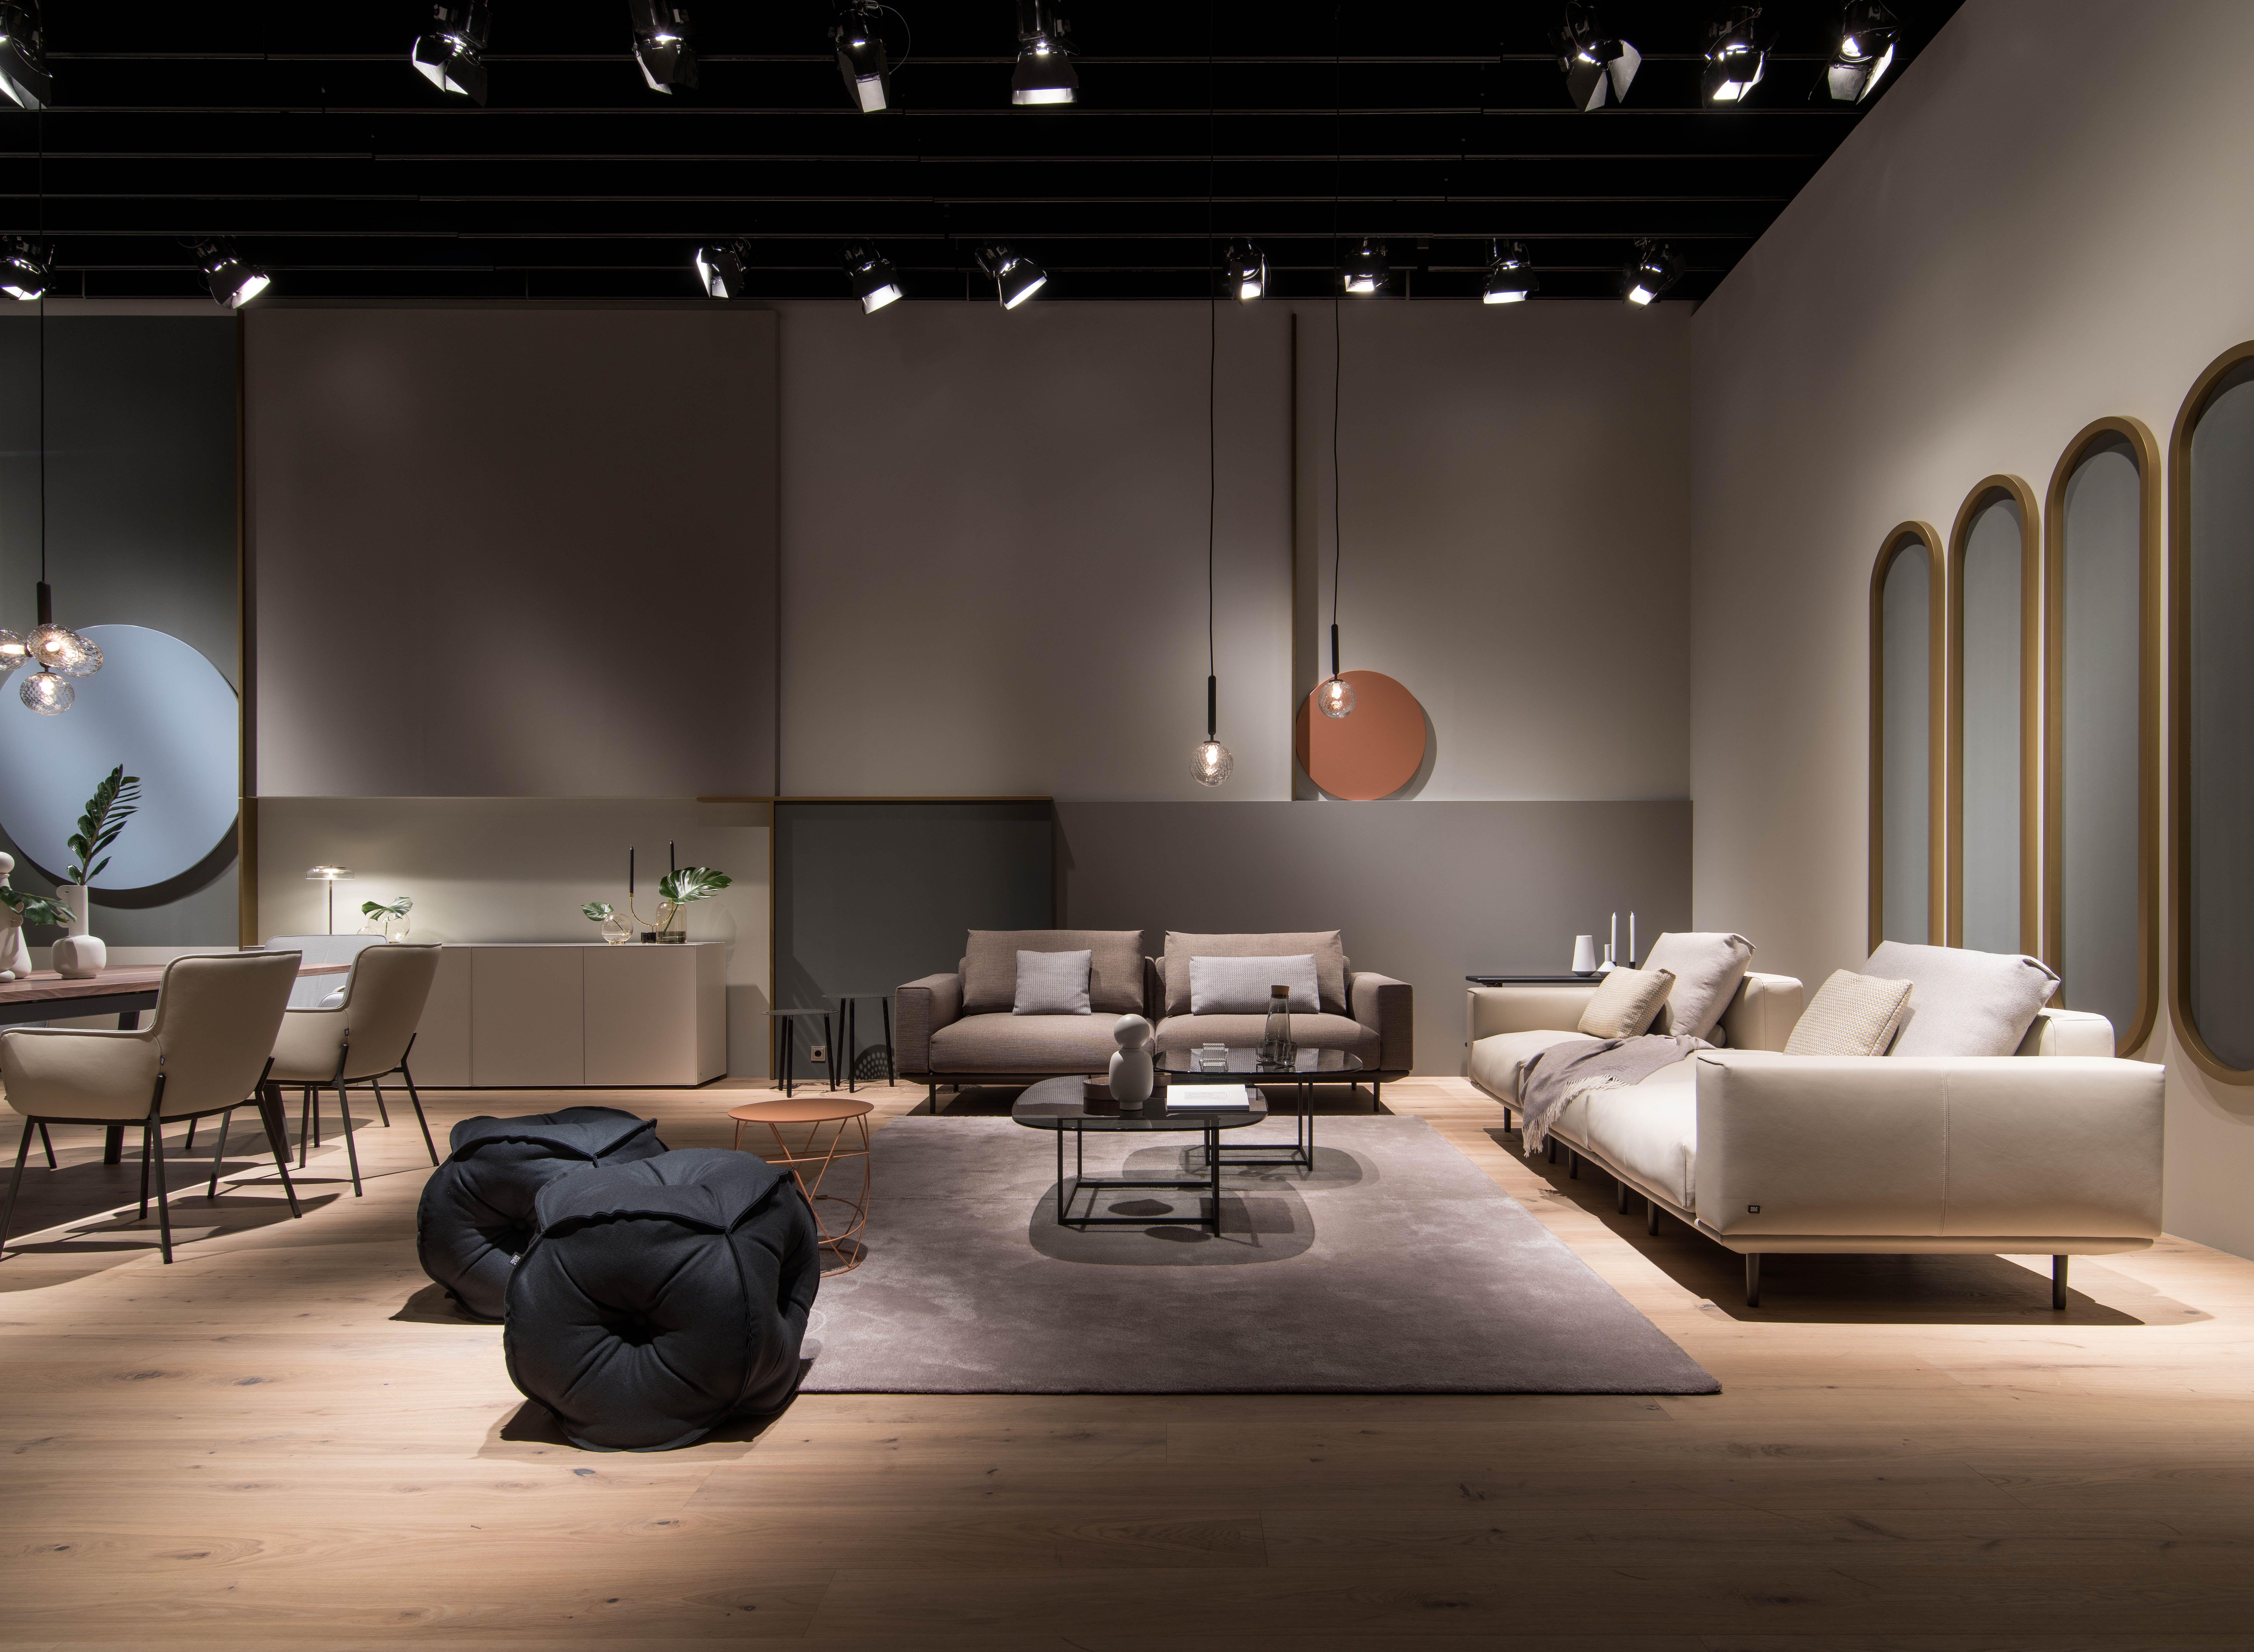 Rolf Benz Volo Chandelier In Living Room Colorful Furniture Living Room Living Room Sets Furniture